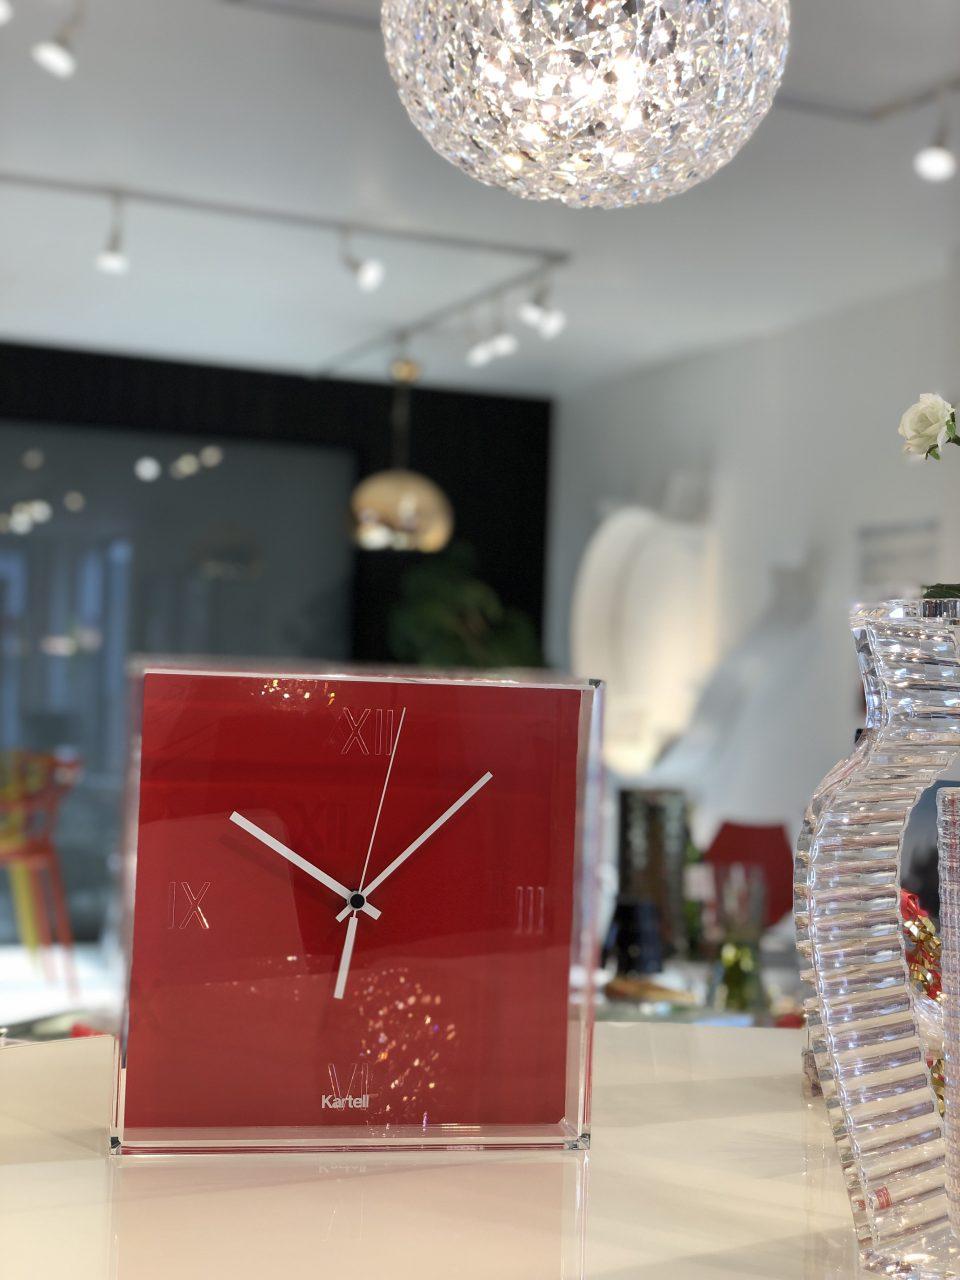 クリスマスプレゼントにお勧めのカルテルの時計です